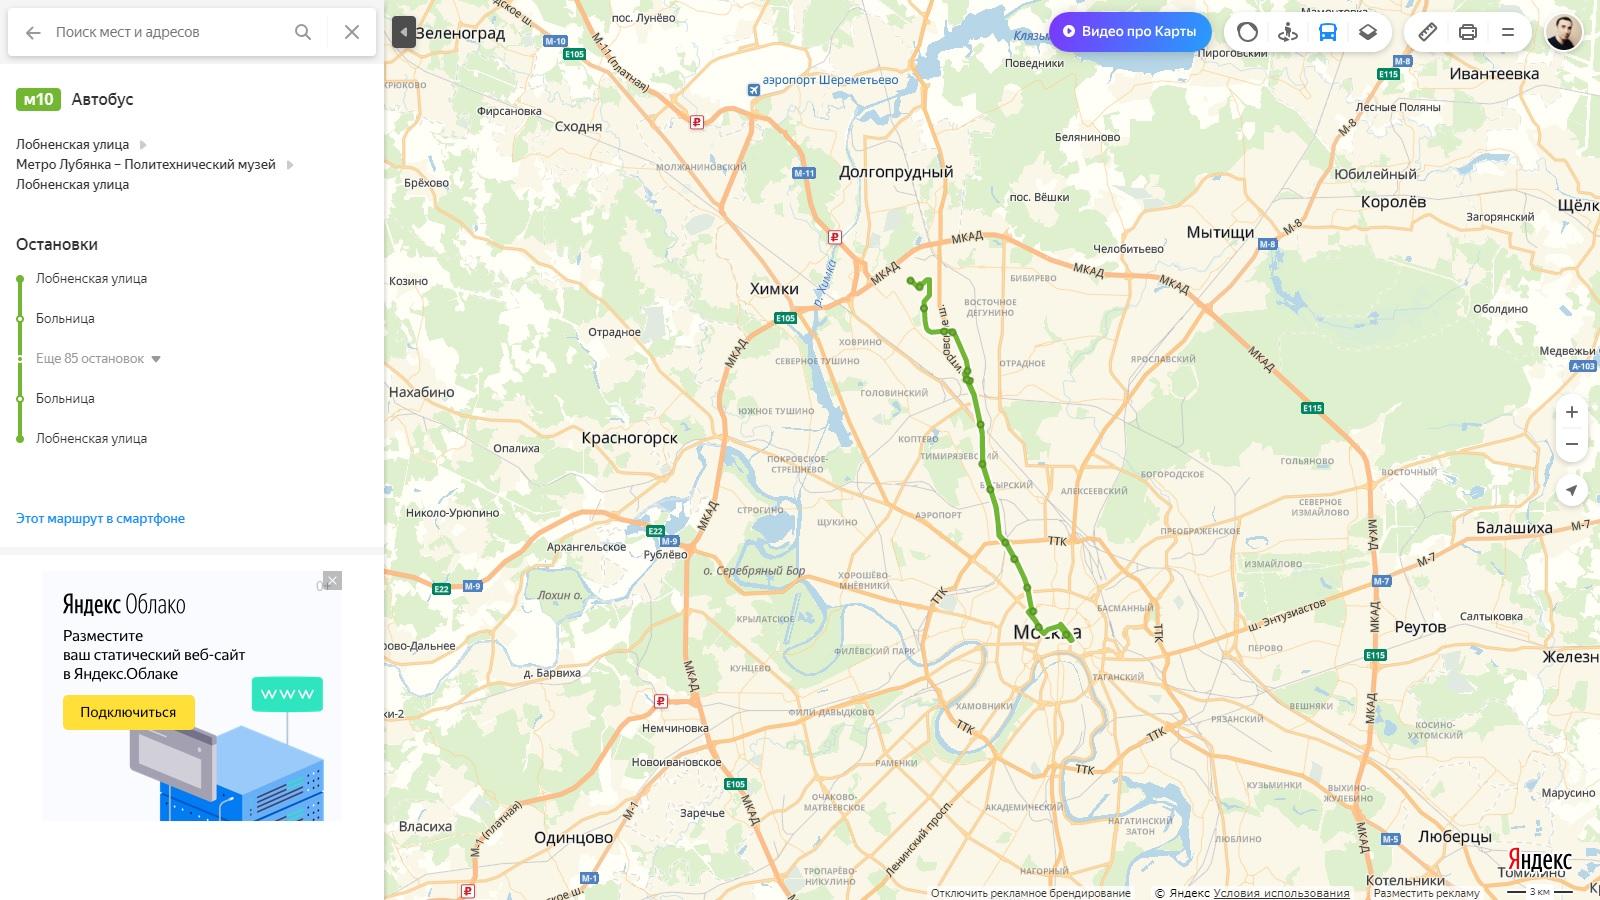 Движение общественного транспорта в Яндекс картах